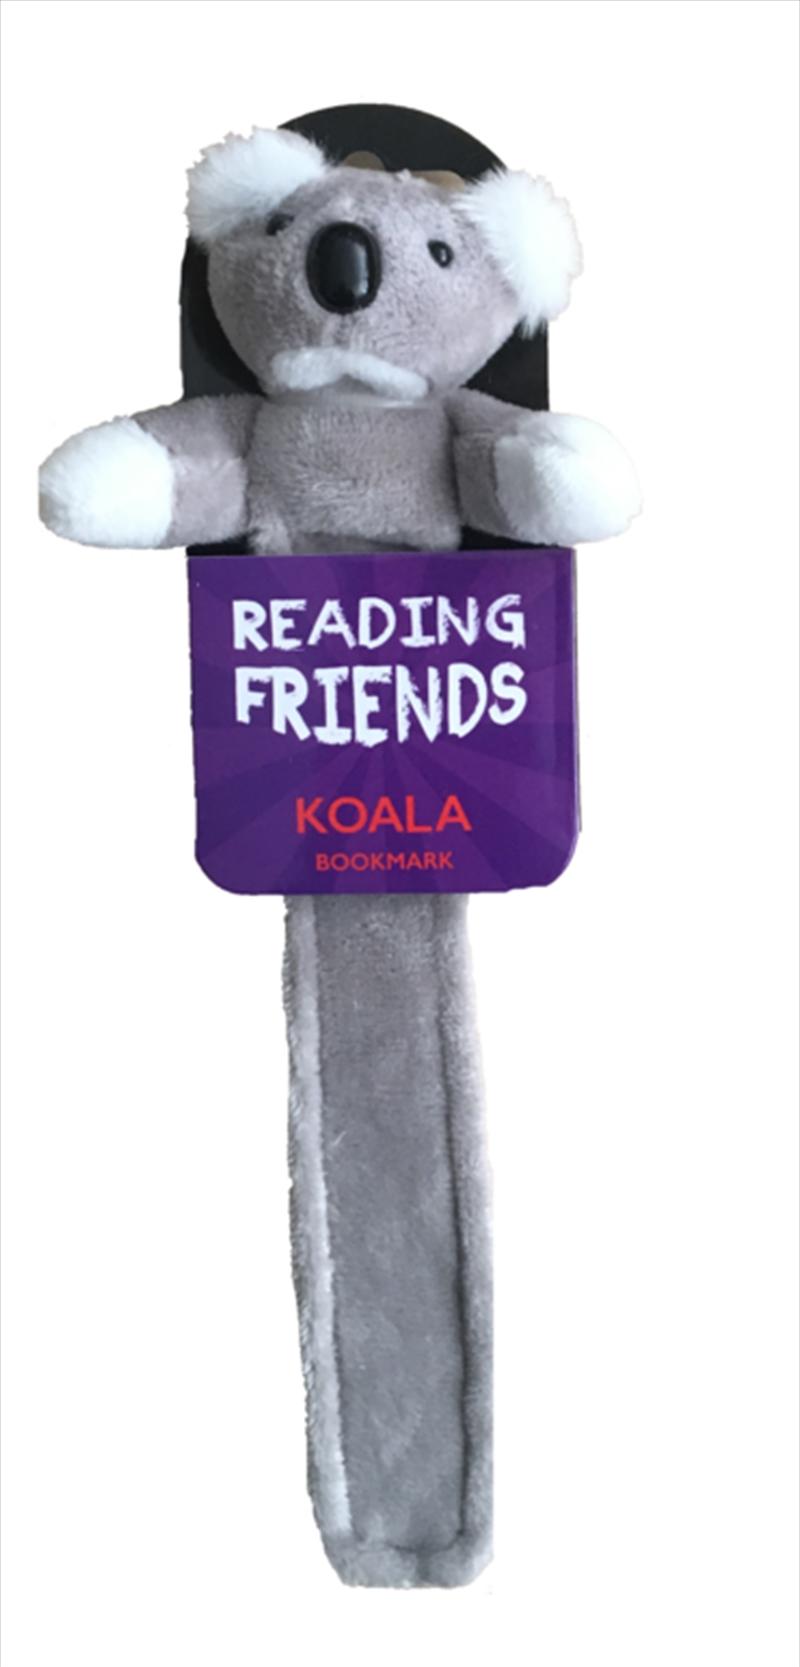 Koala Reading Friend   Merchandise